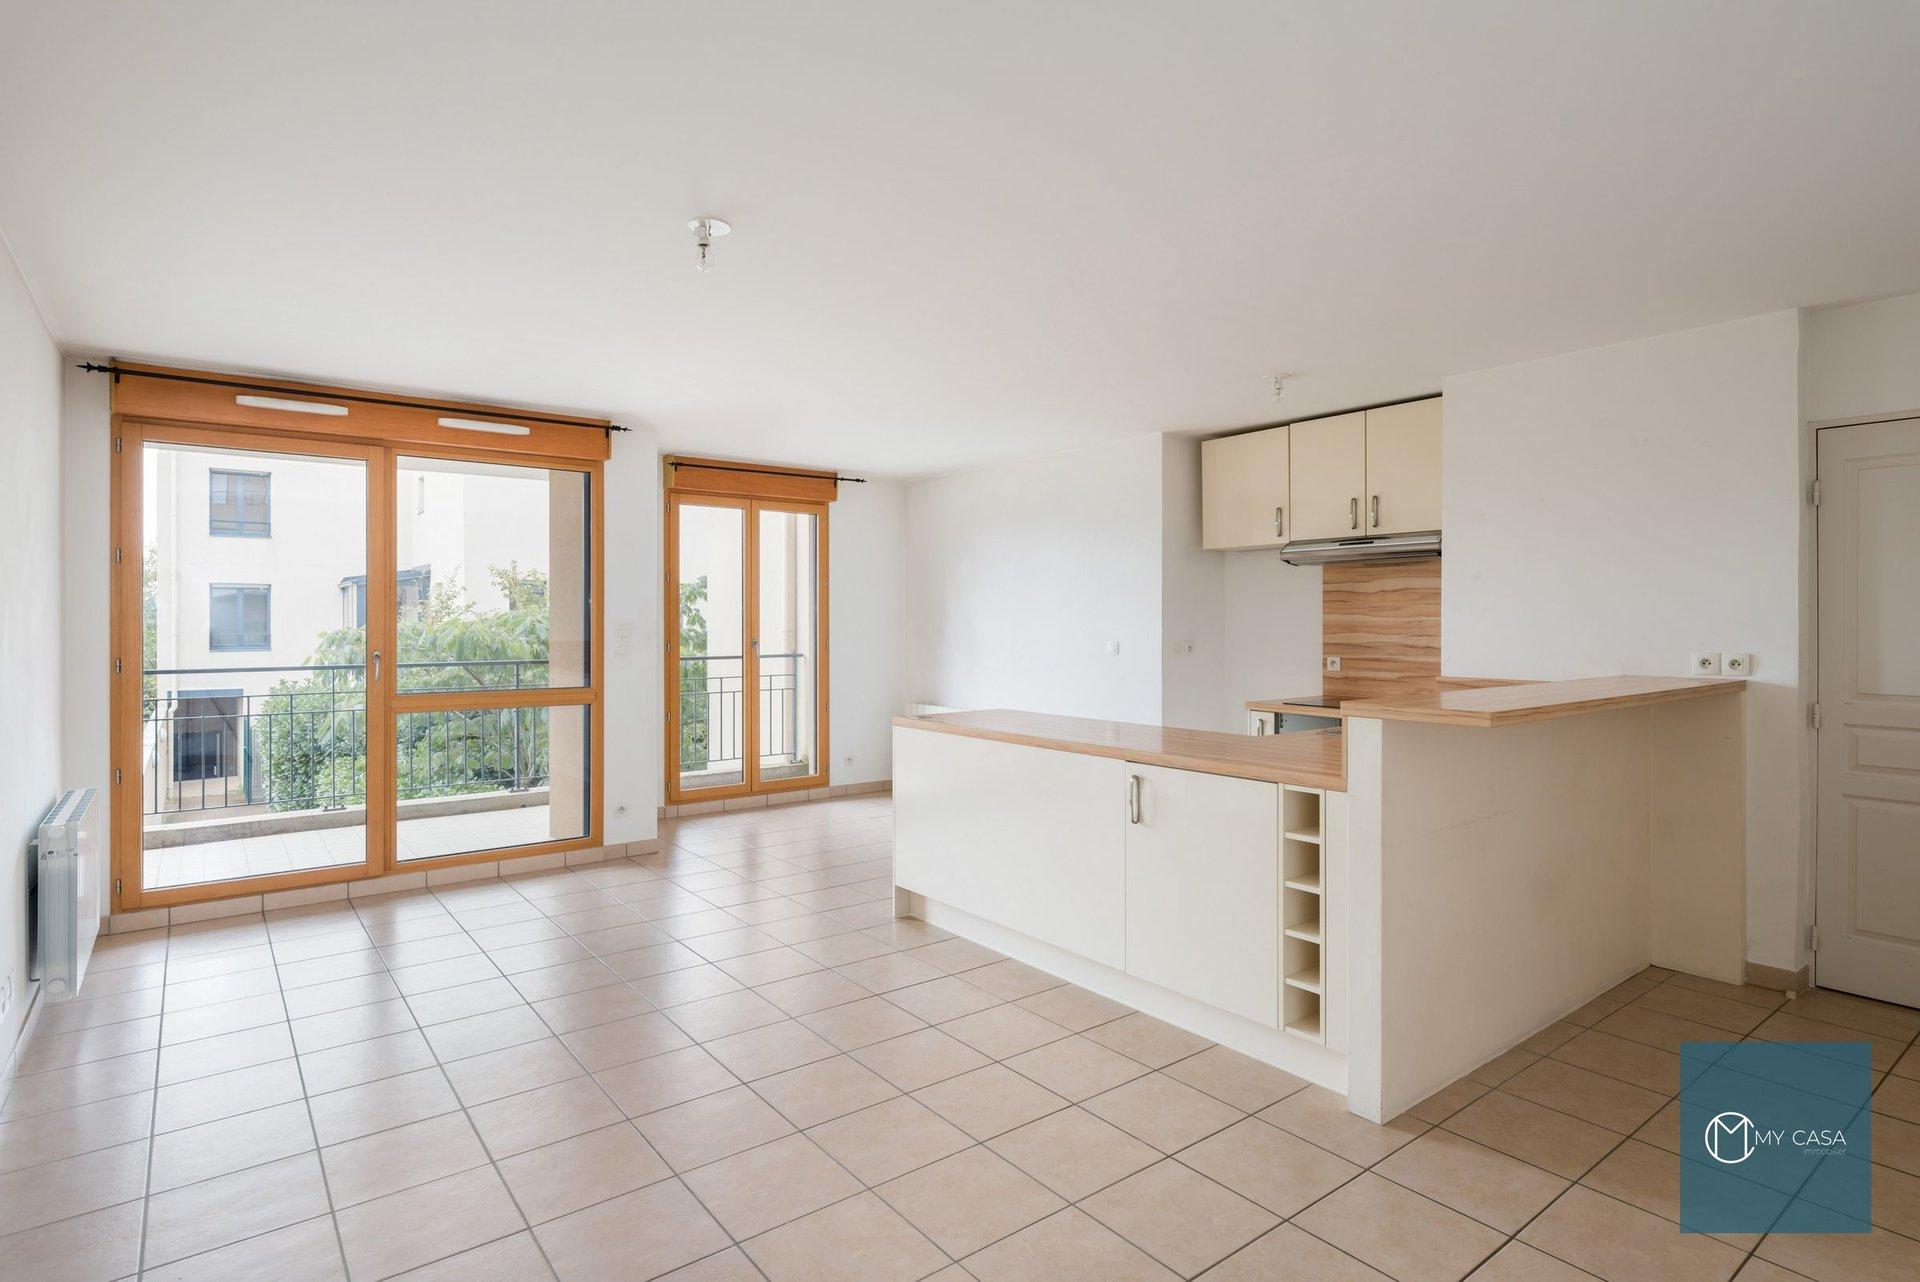 COLLONGES - Beau T4 récent de 88 m2 avec Terrasses